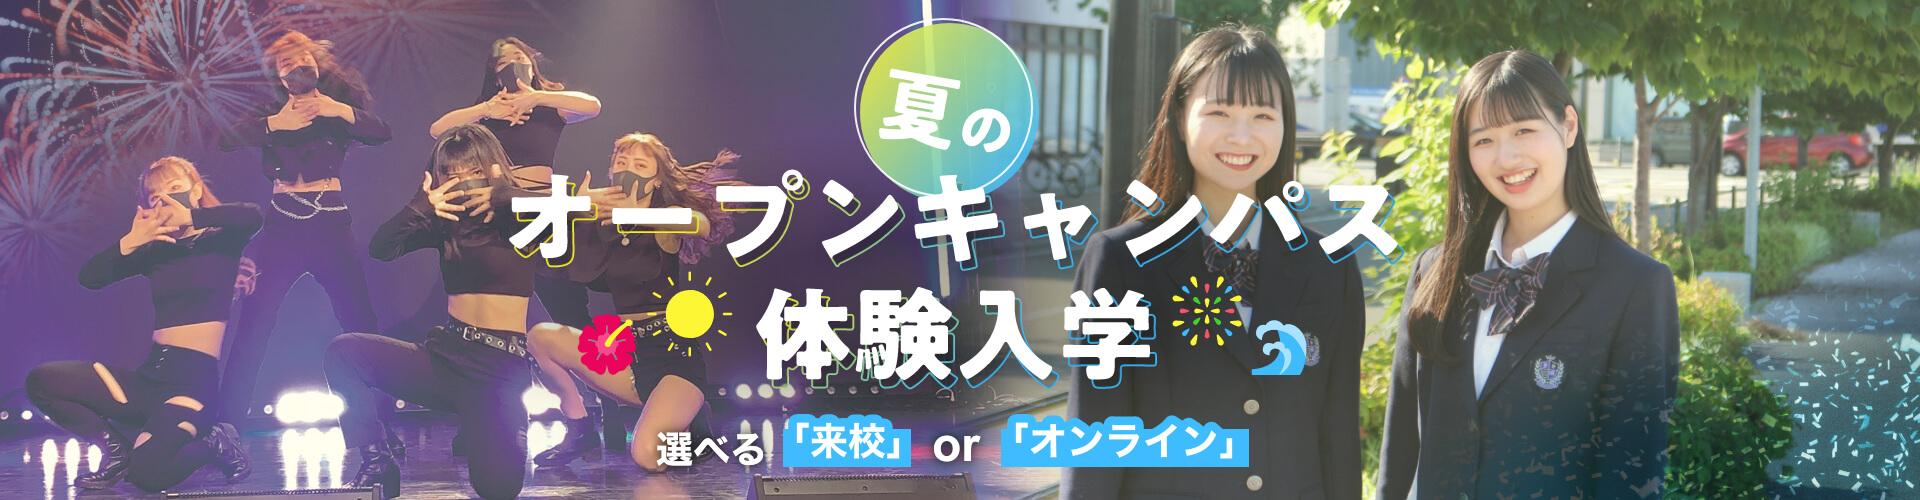 選べる「来校」or「オンライン」 OPENCAMPUS